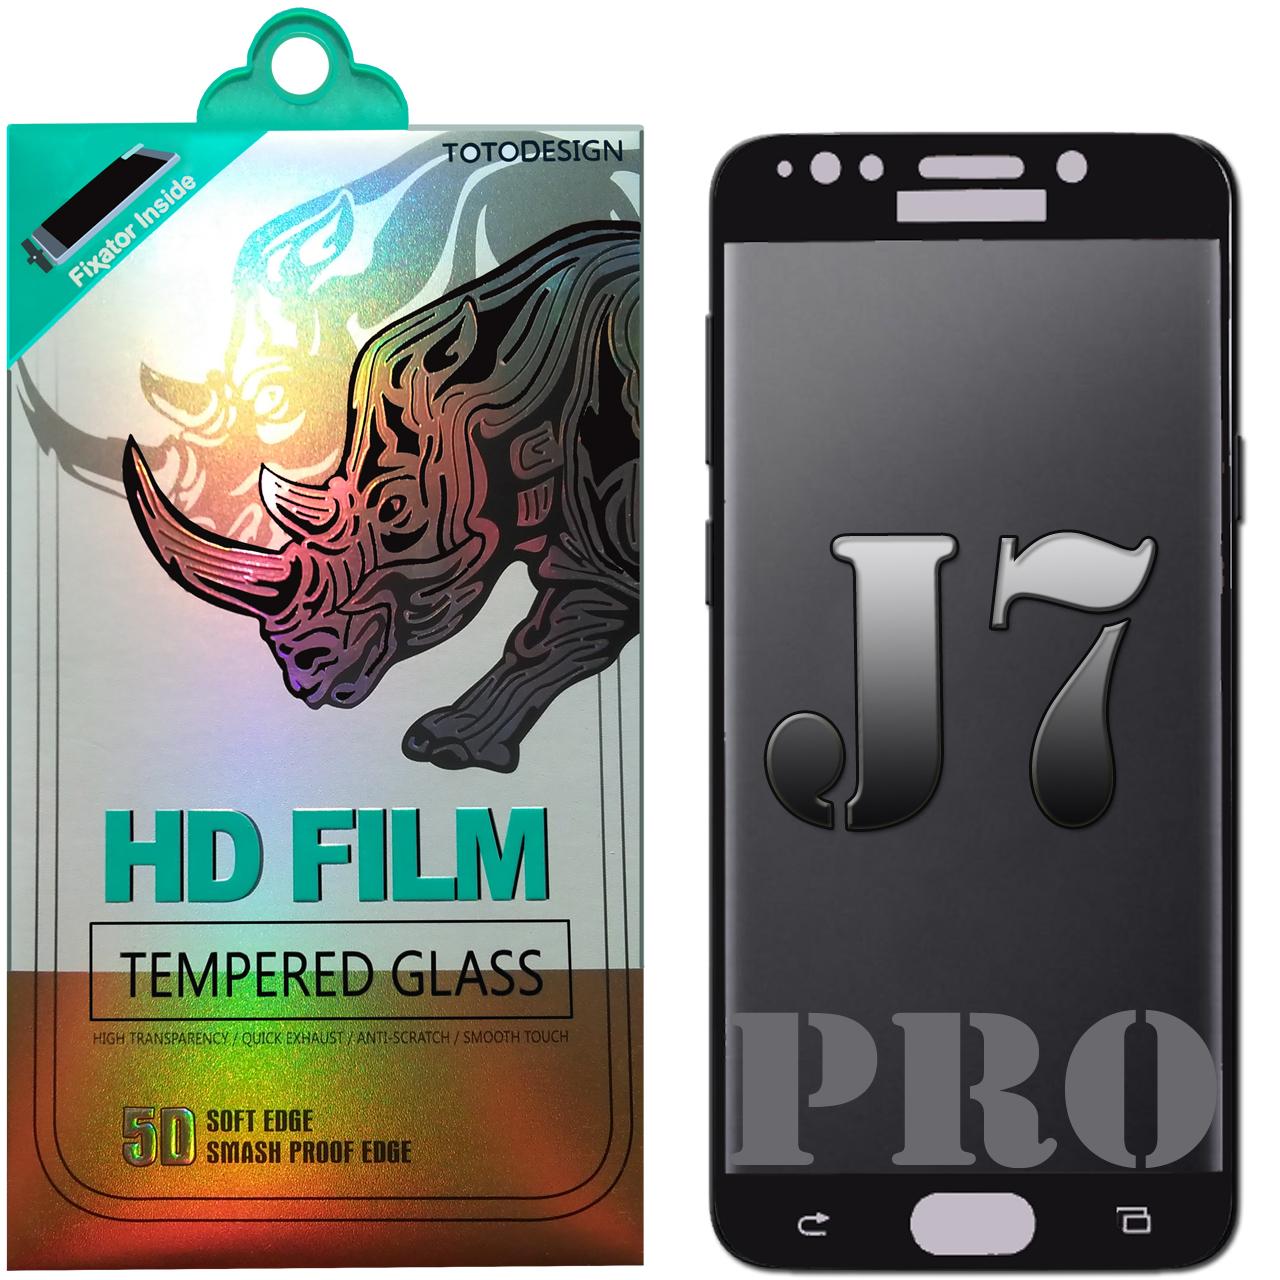 محافظ صفحه نمایش شیشه ای مدل Full Coverage 5D 2017 TOTO مناسب برای گوشی موبایل سامسونگ Galaxy J7 Pro